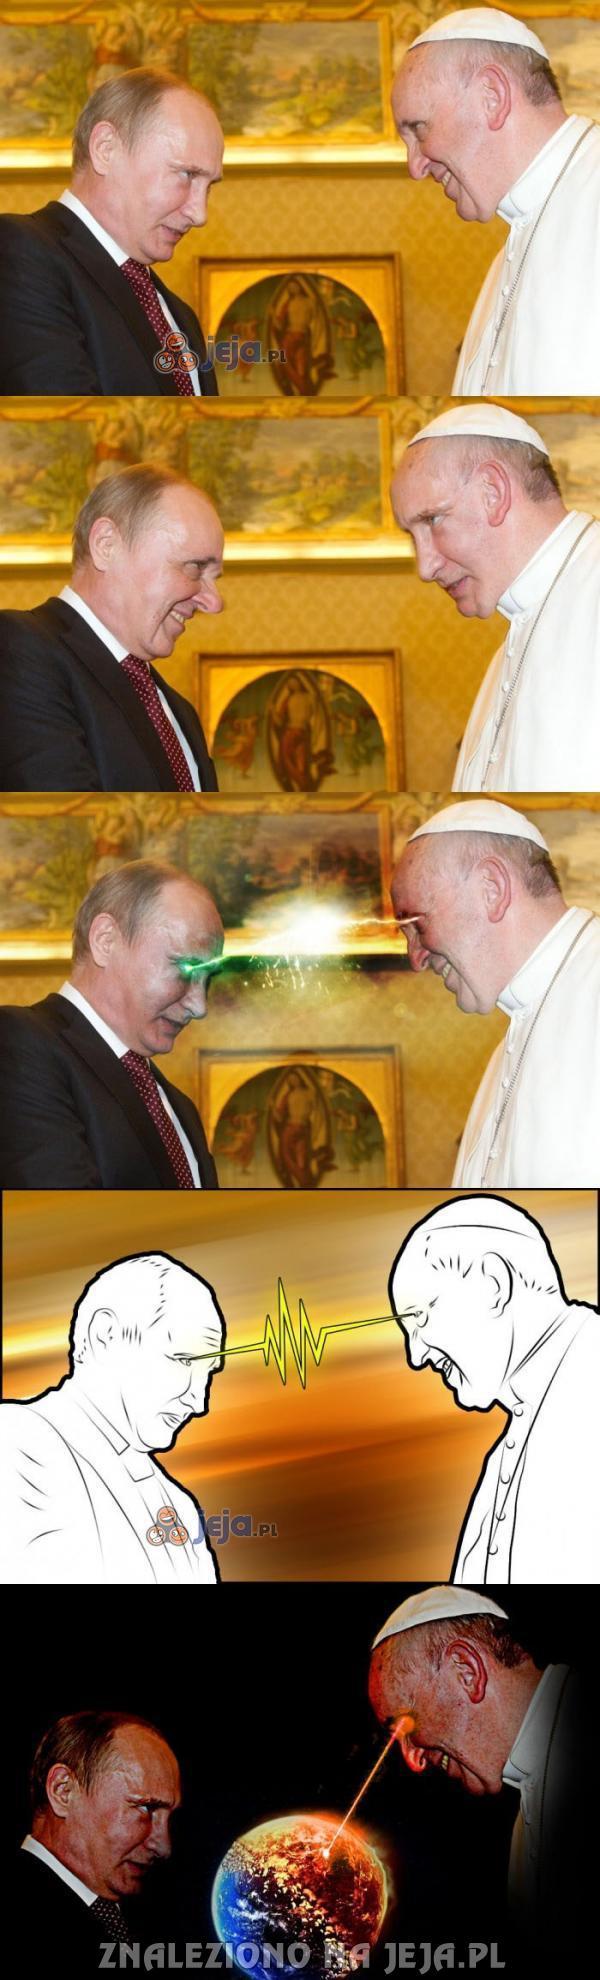 Putin vs. Papież - pojedynek tytanów